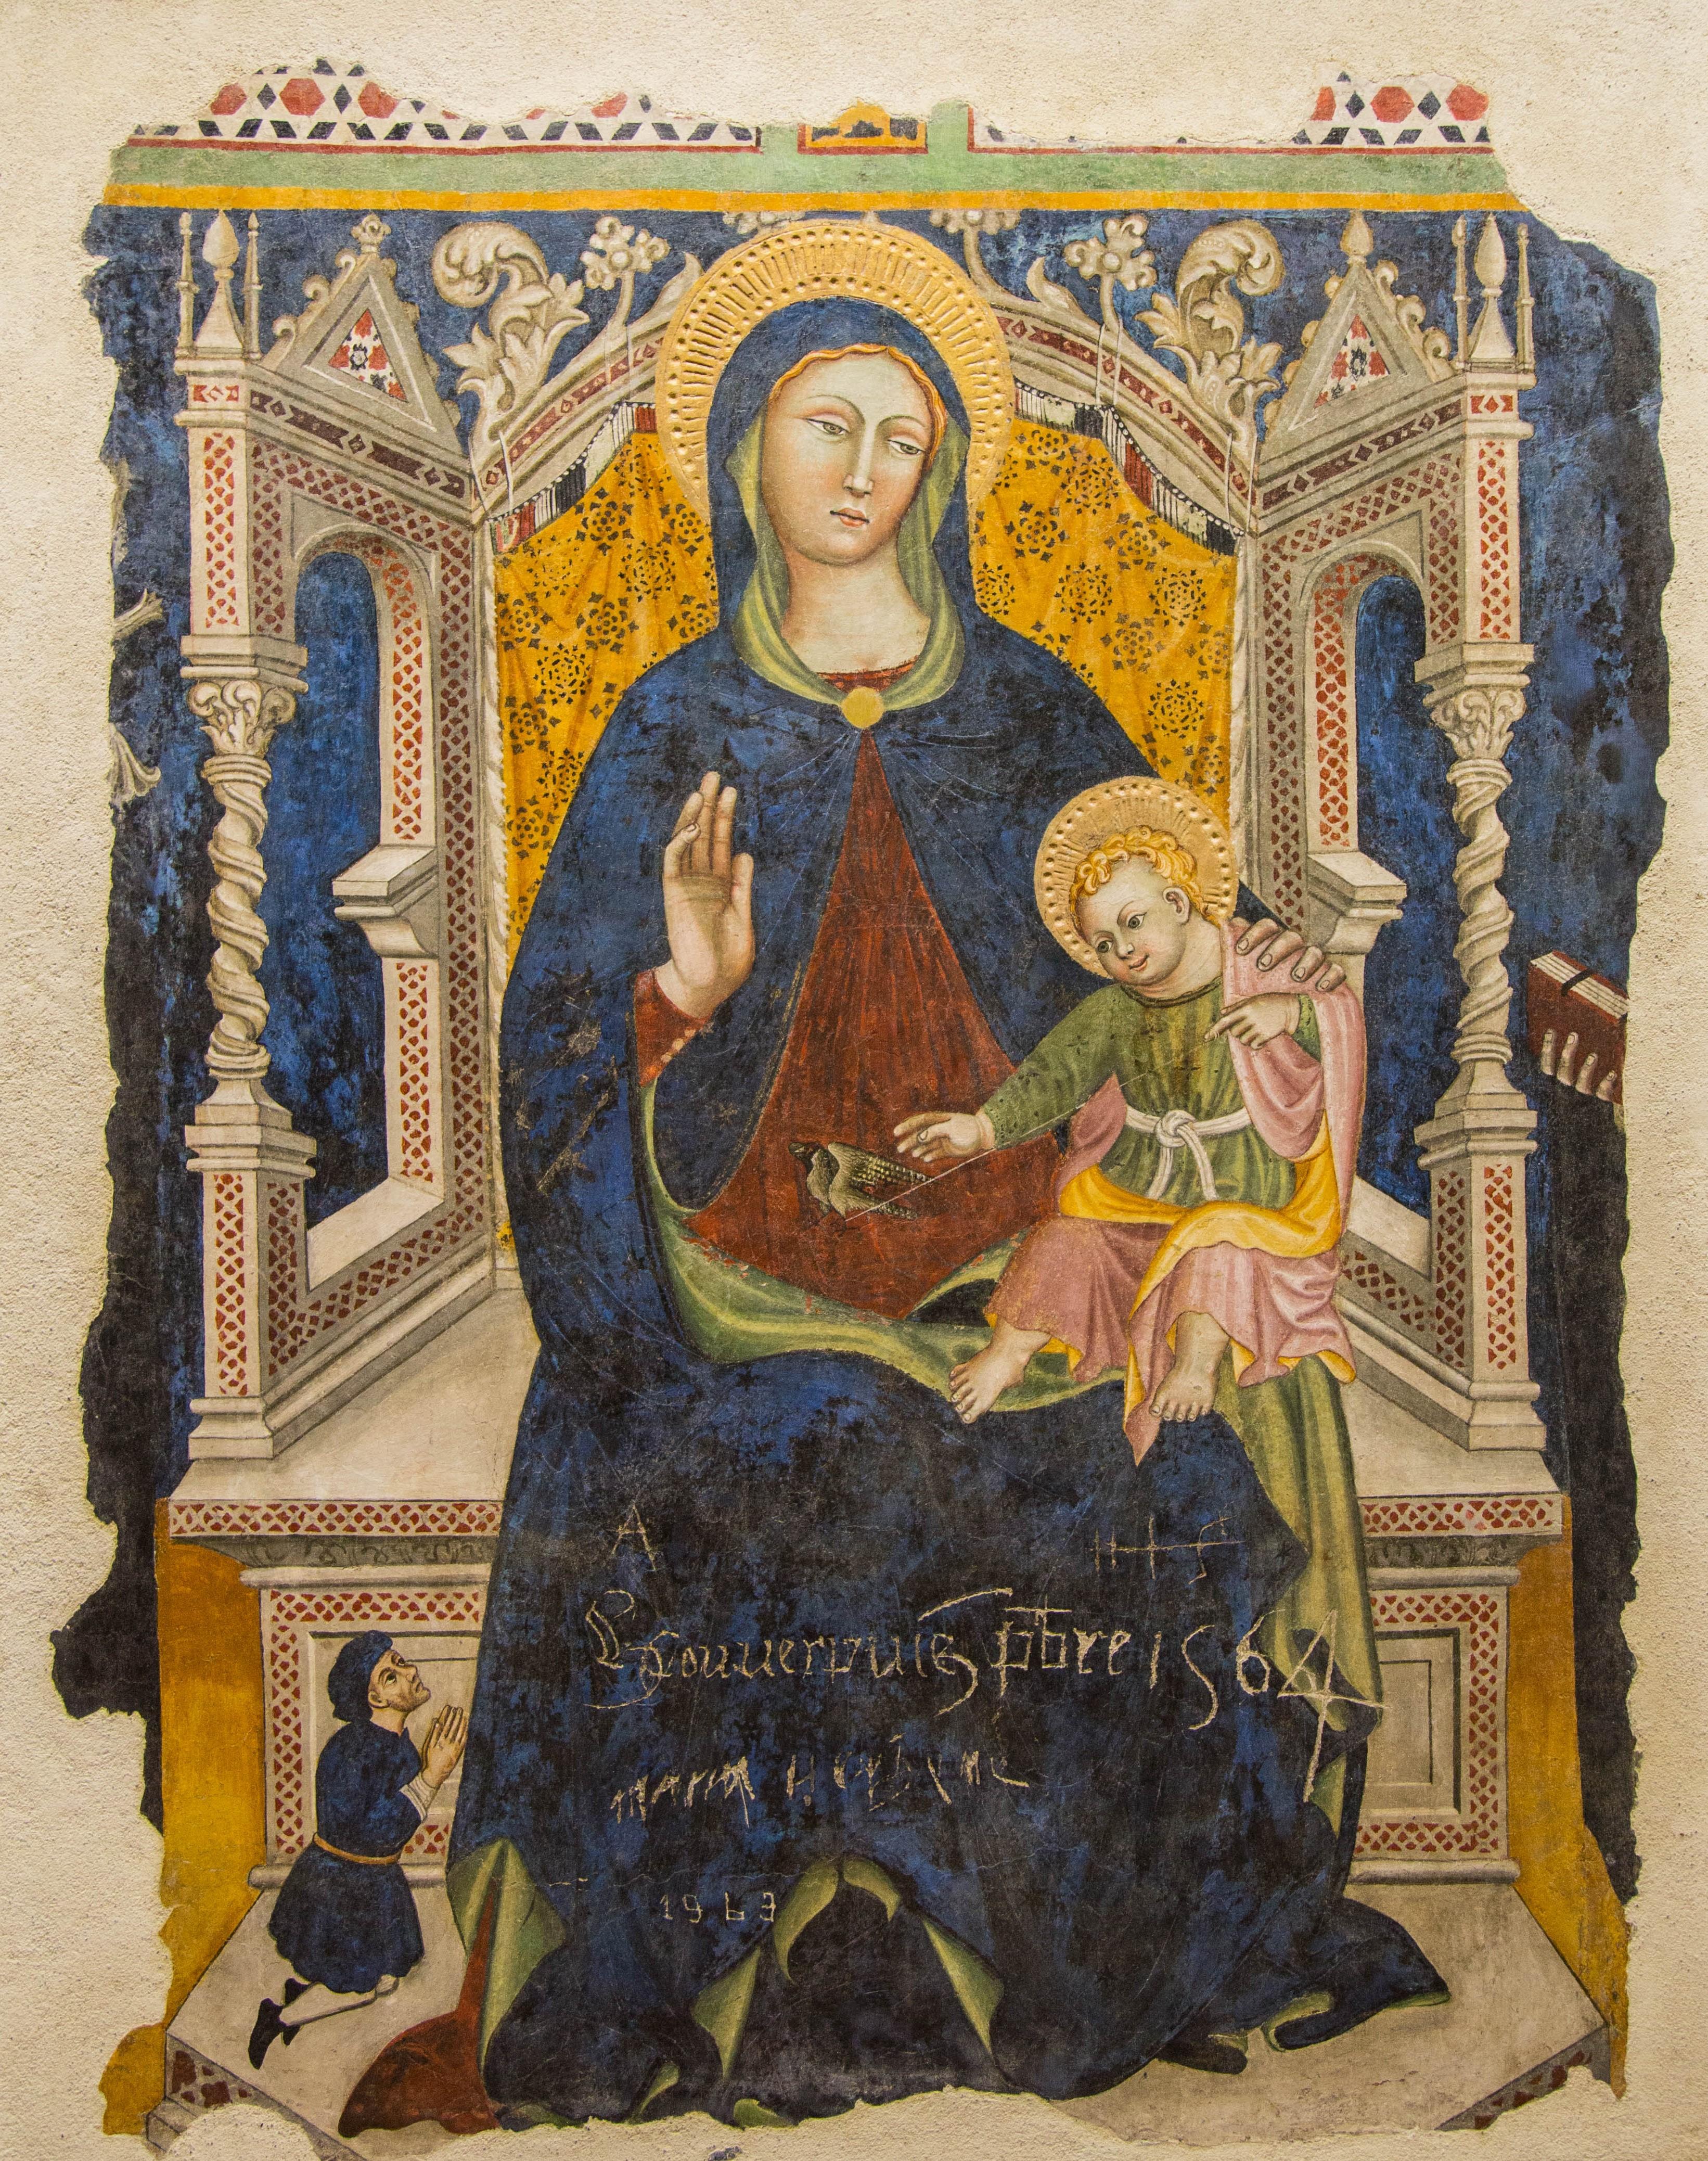 1440-60 Francesco d'Antonio da Viterbo, Madonna del cardellino Museo Civico, Viterbo église Santa Maria in Gradi